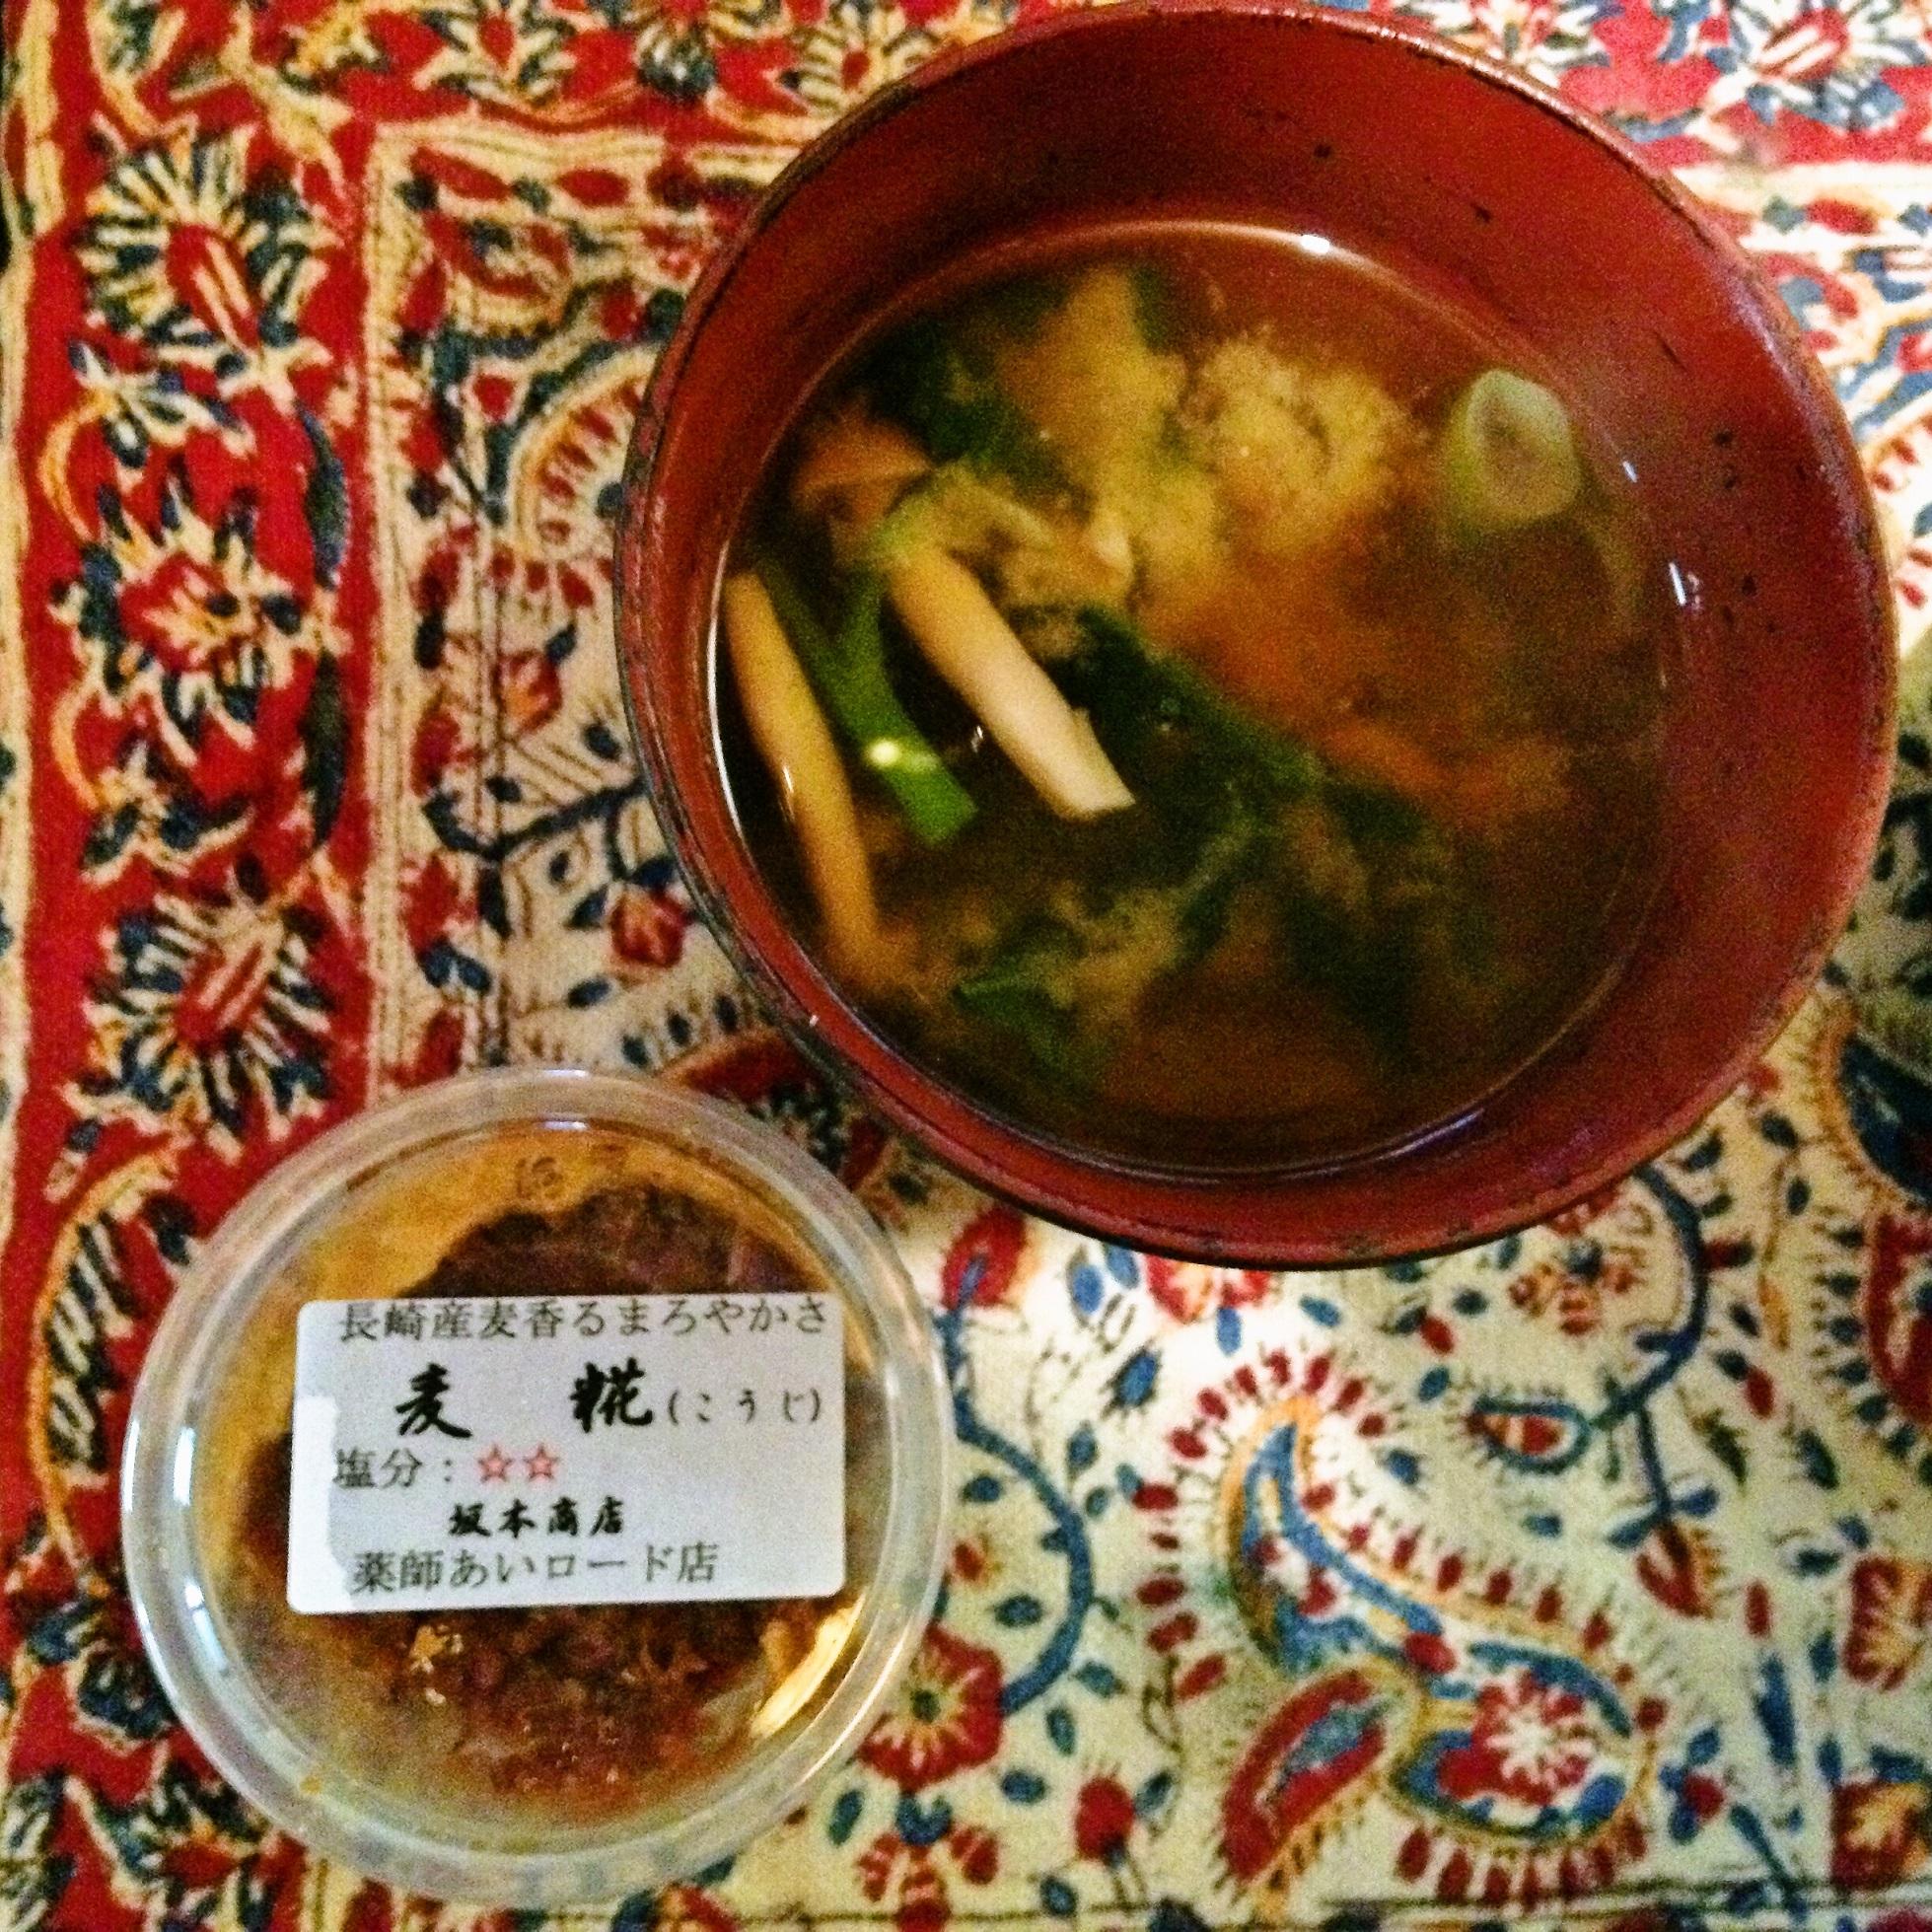 坂本商店の麦糀味噌